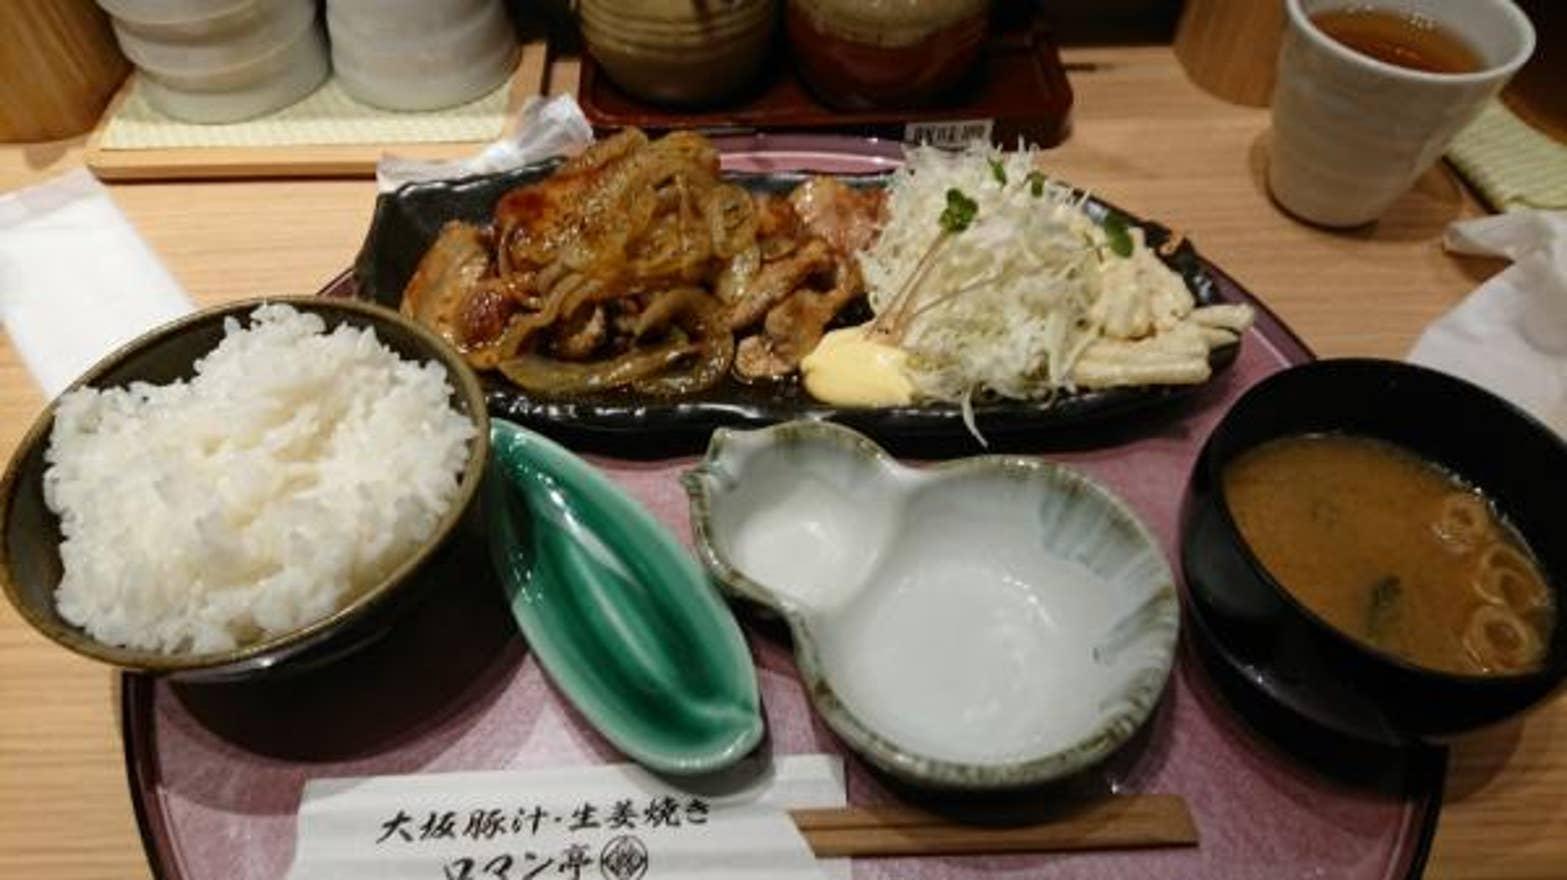 大坂豚汁・生姜焼き ロマン亭>